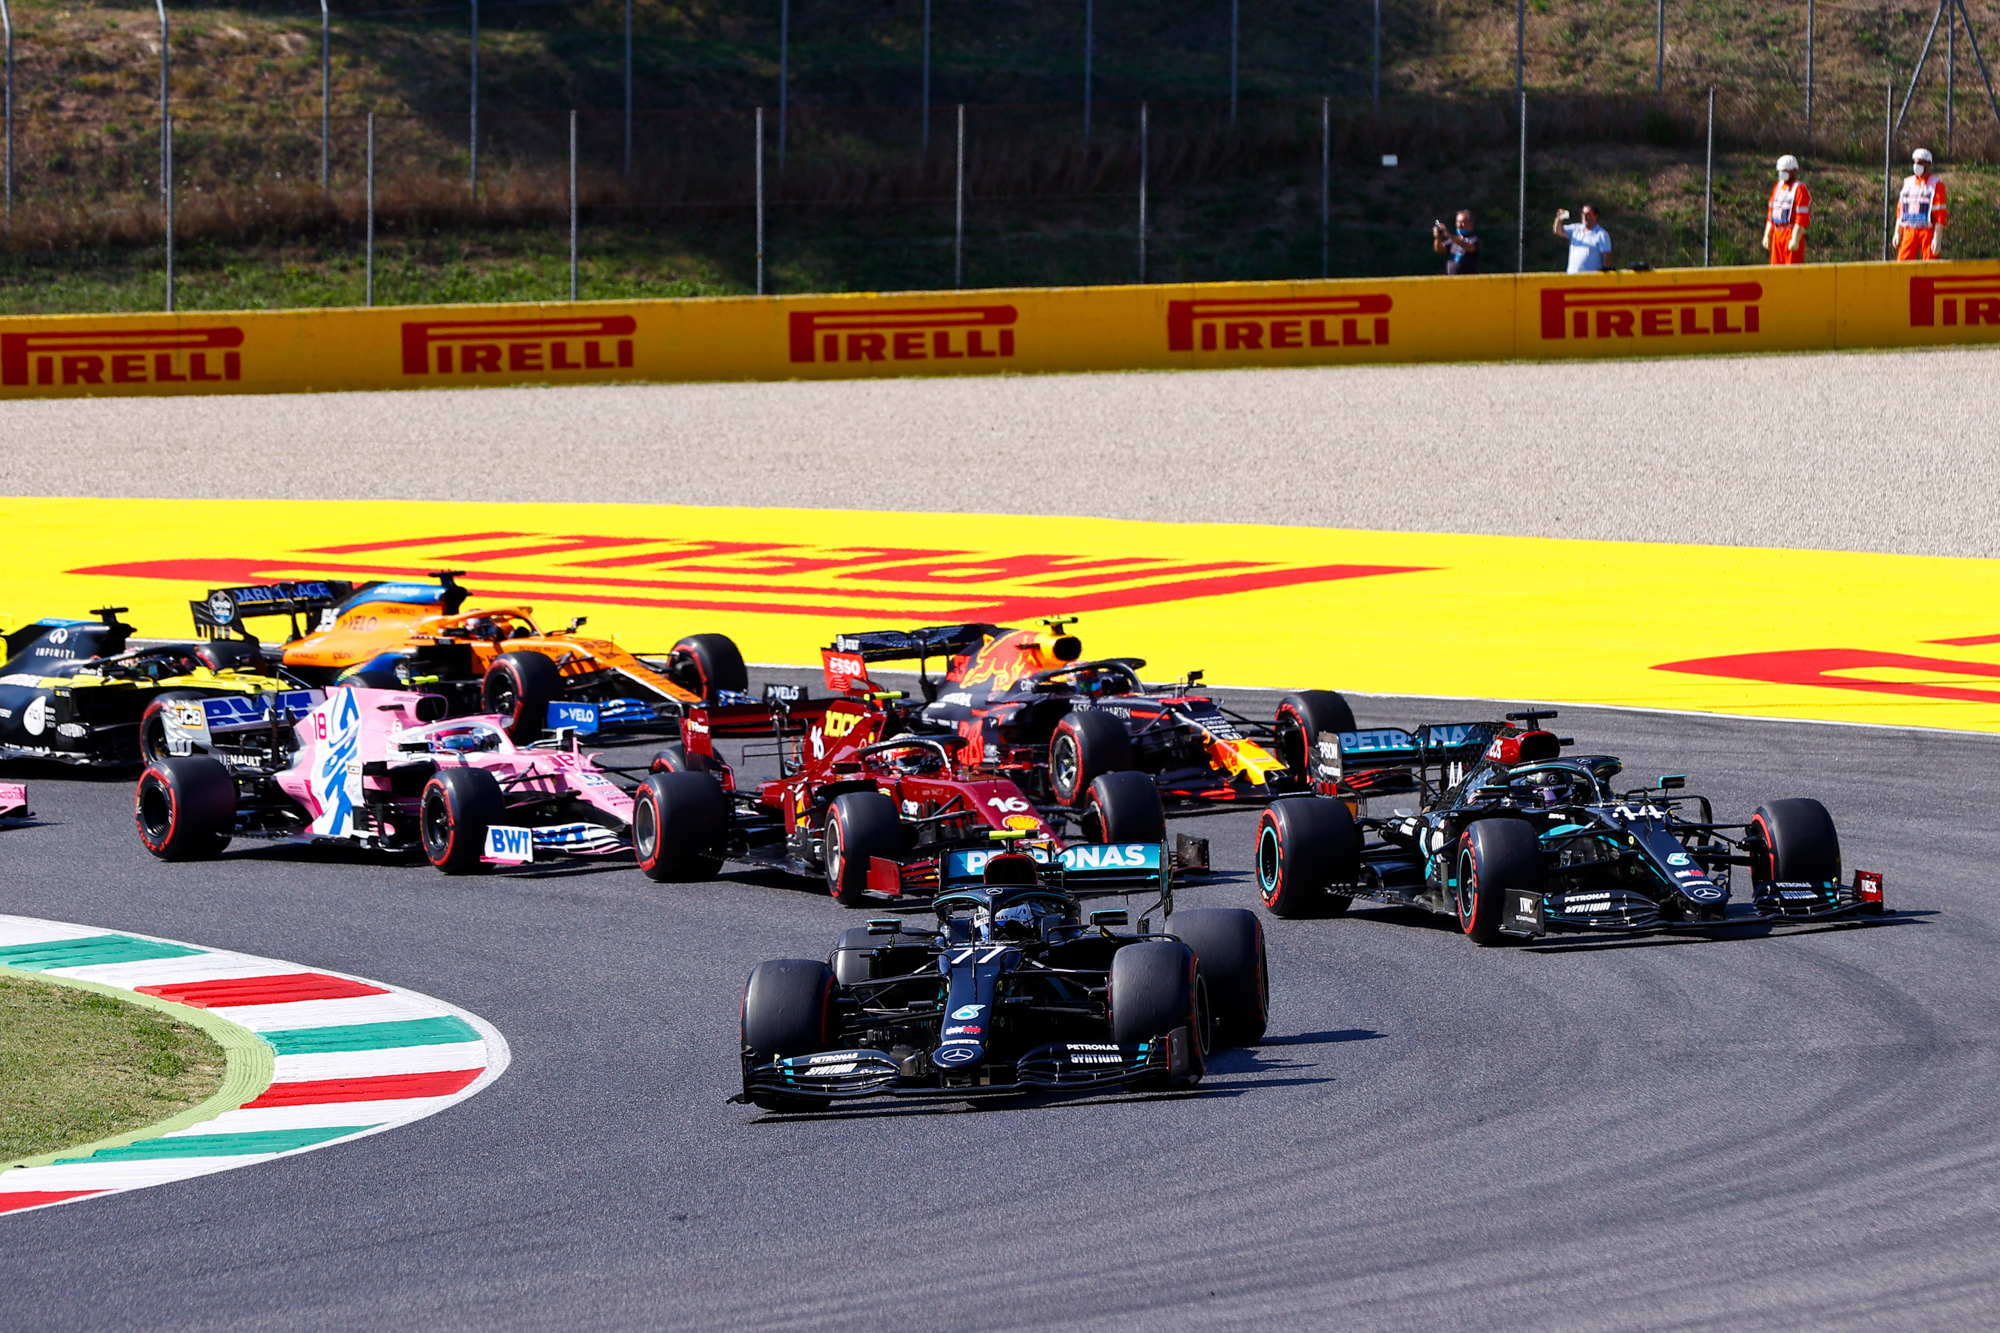 F1. Kalendarz na sezon 2021 bardzo optymistyczny. Aż 23 ...